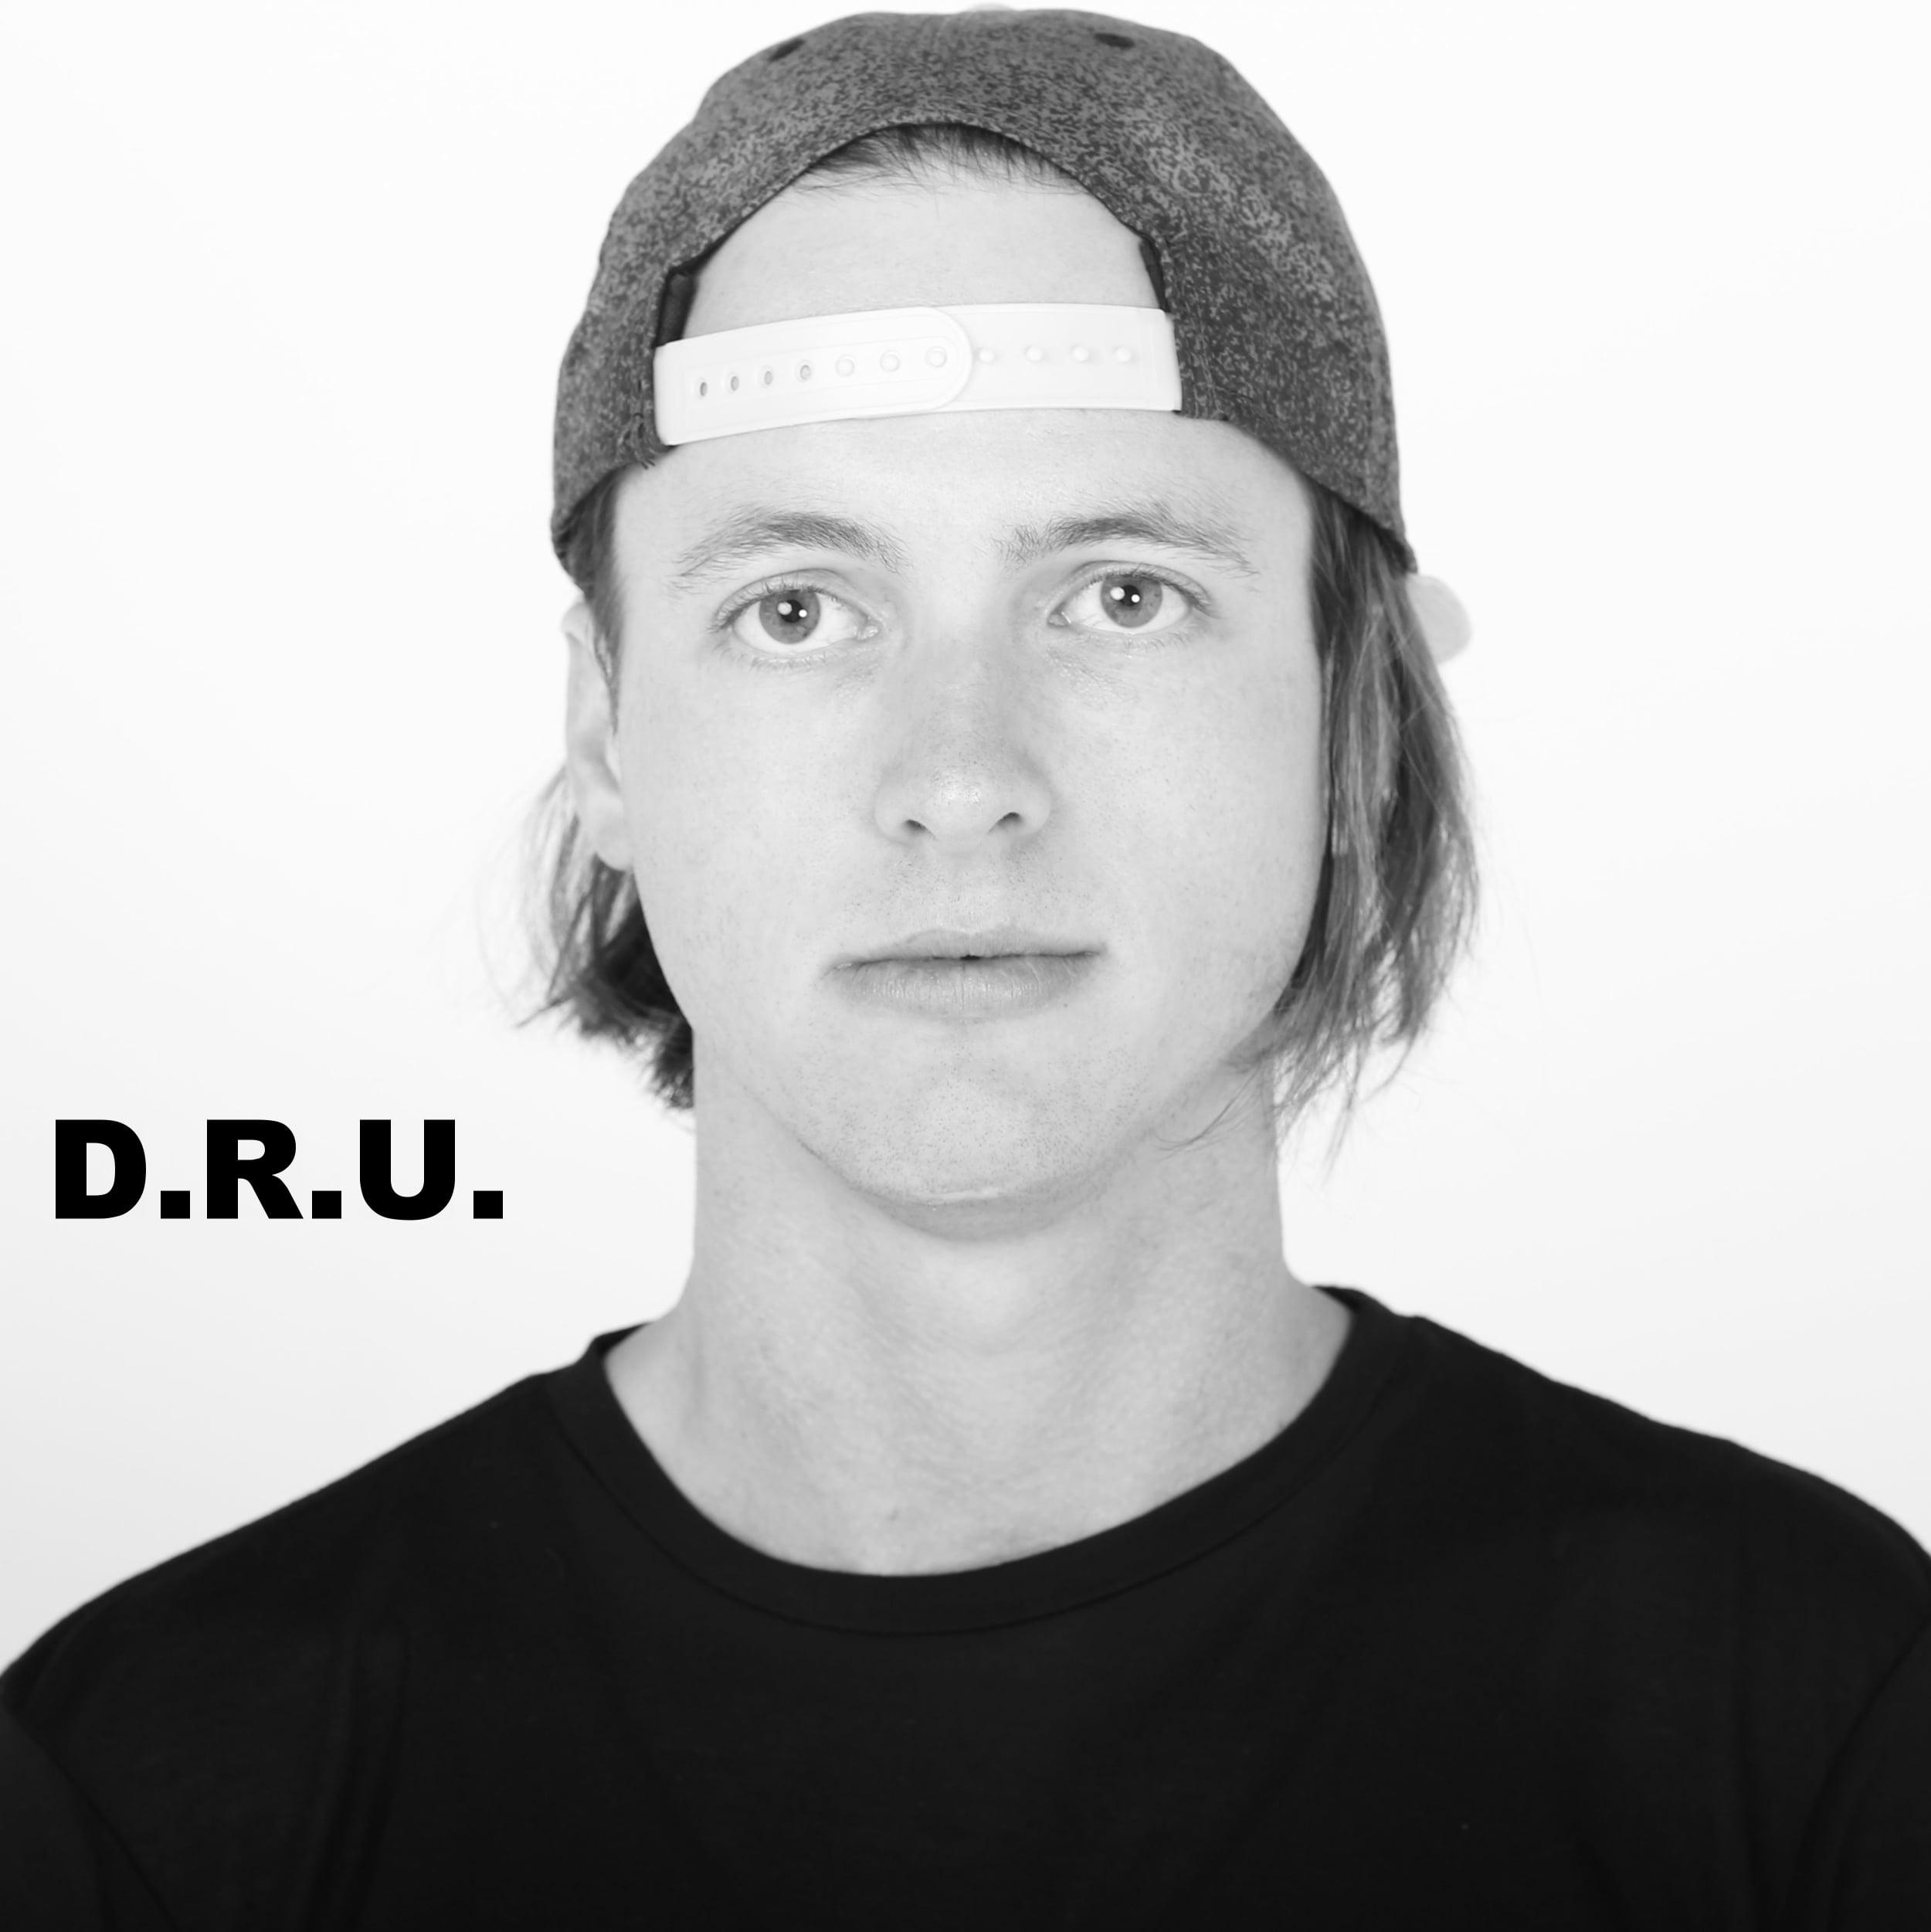 DRU SOUNDS